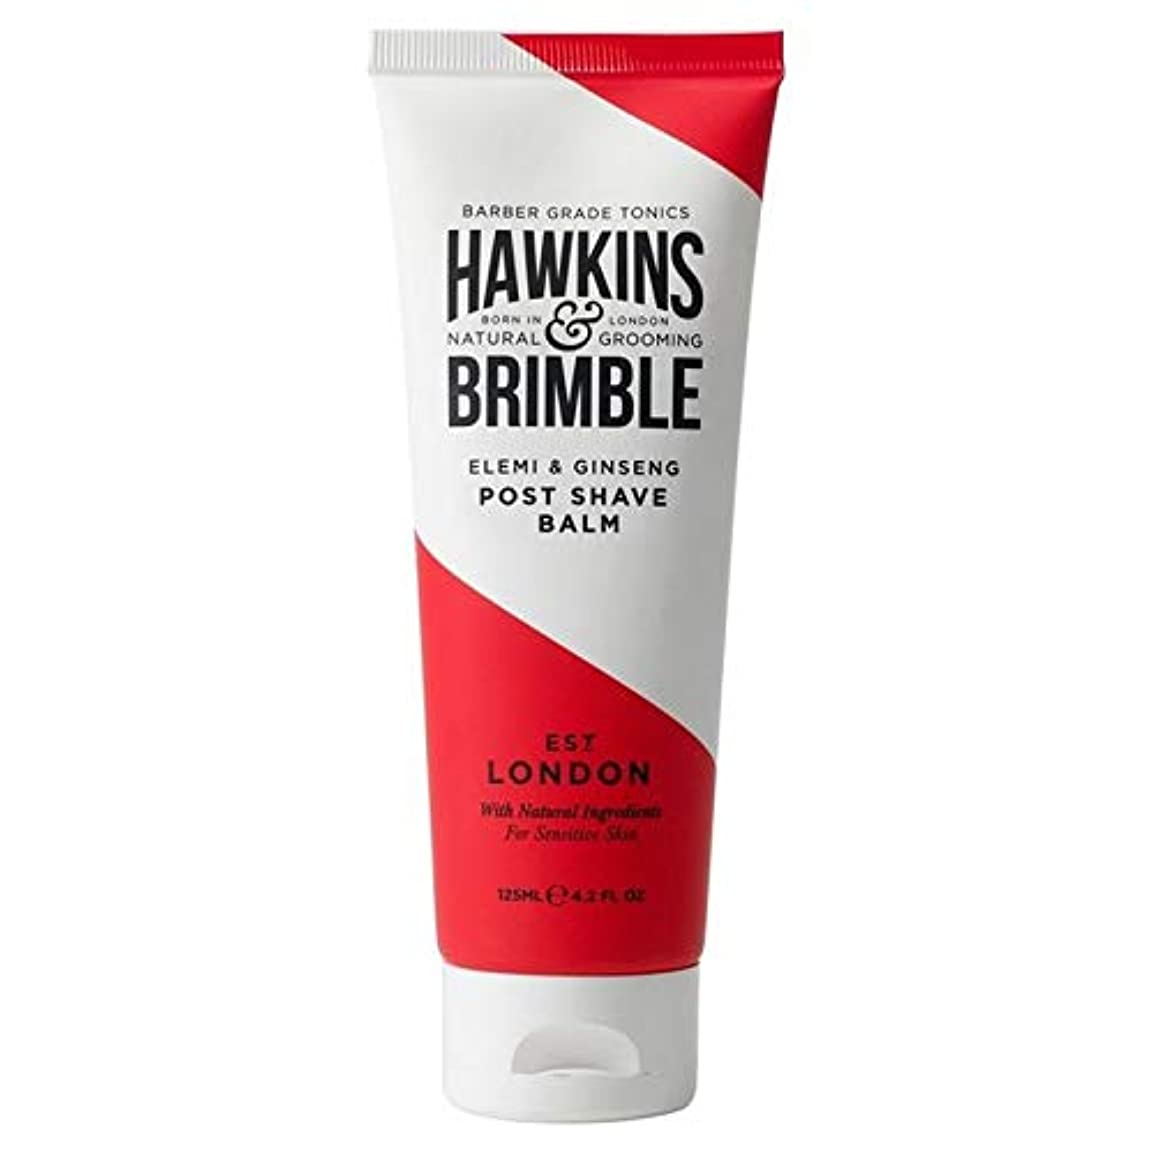 利用可能選ぶストレッチ[Hawkins & Brimble] ホーキンス&Brimbleポストシェーブバーム125ミリリットル - Hawkins & Brimble Post Shave Balm 125ml [並行輸入品]